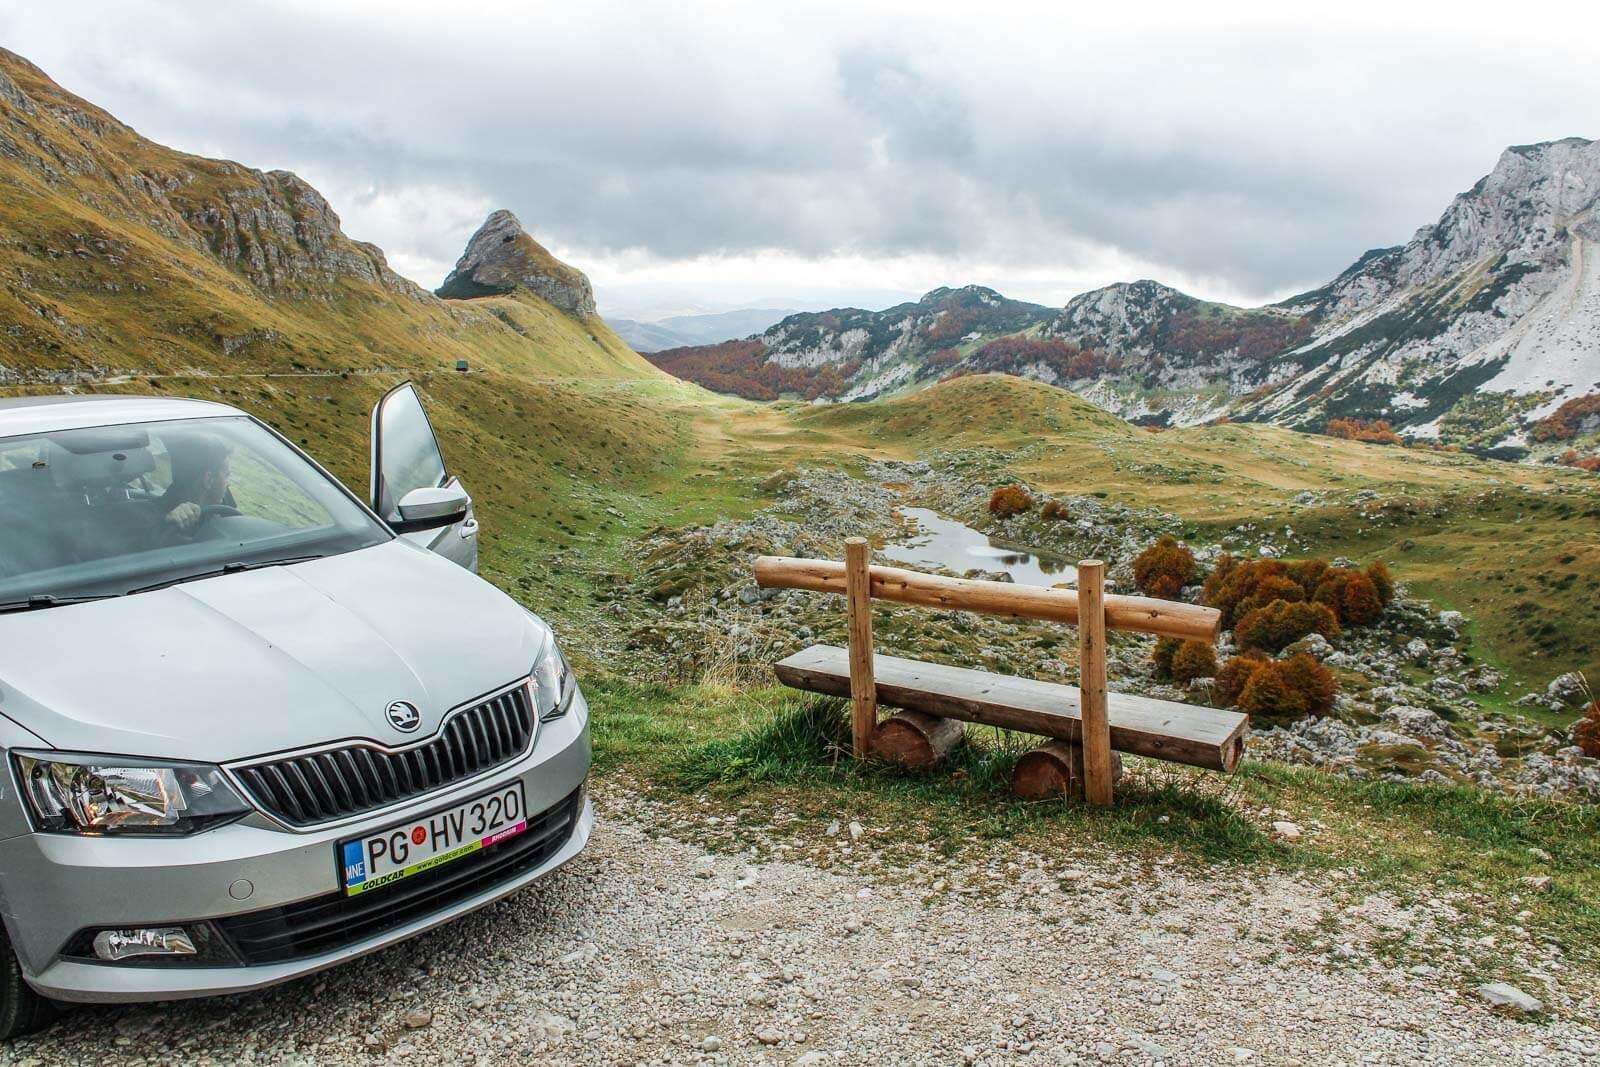 Balkans road trip